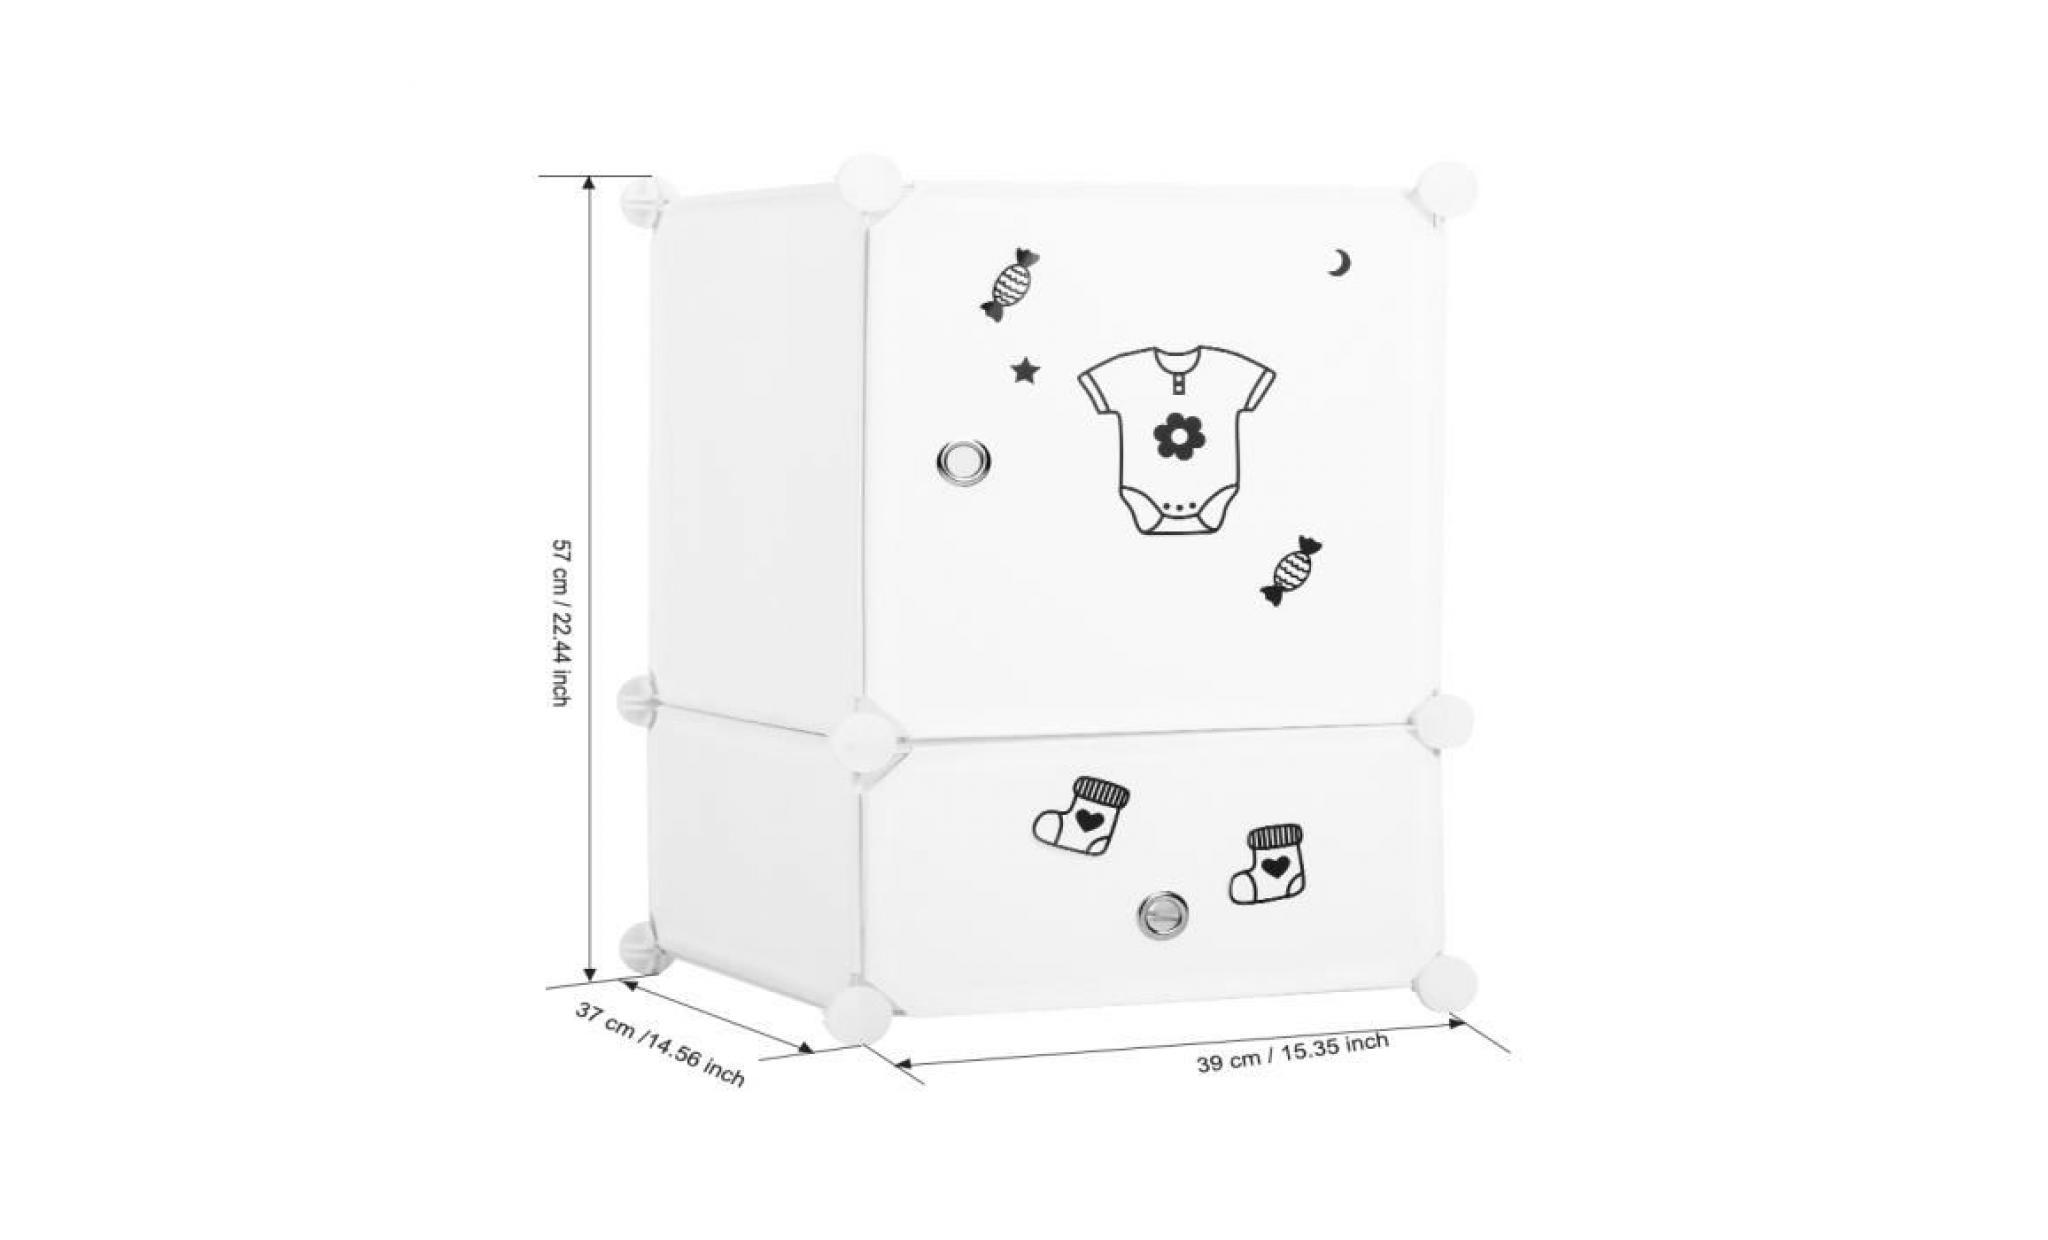 langria diy armoires etageres plastique meuble rangement chambre 6 2 cubes set de tables de nuit interlocking auto assemblage achat vente armoire pas cher couleur et design fr